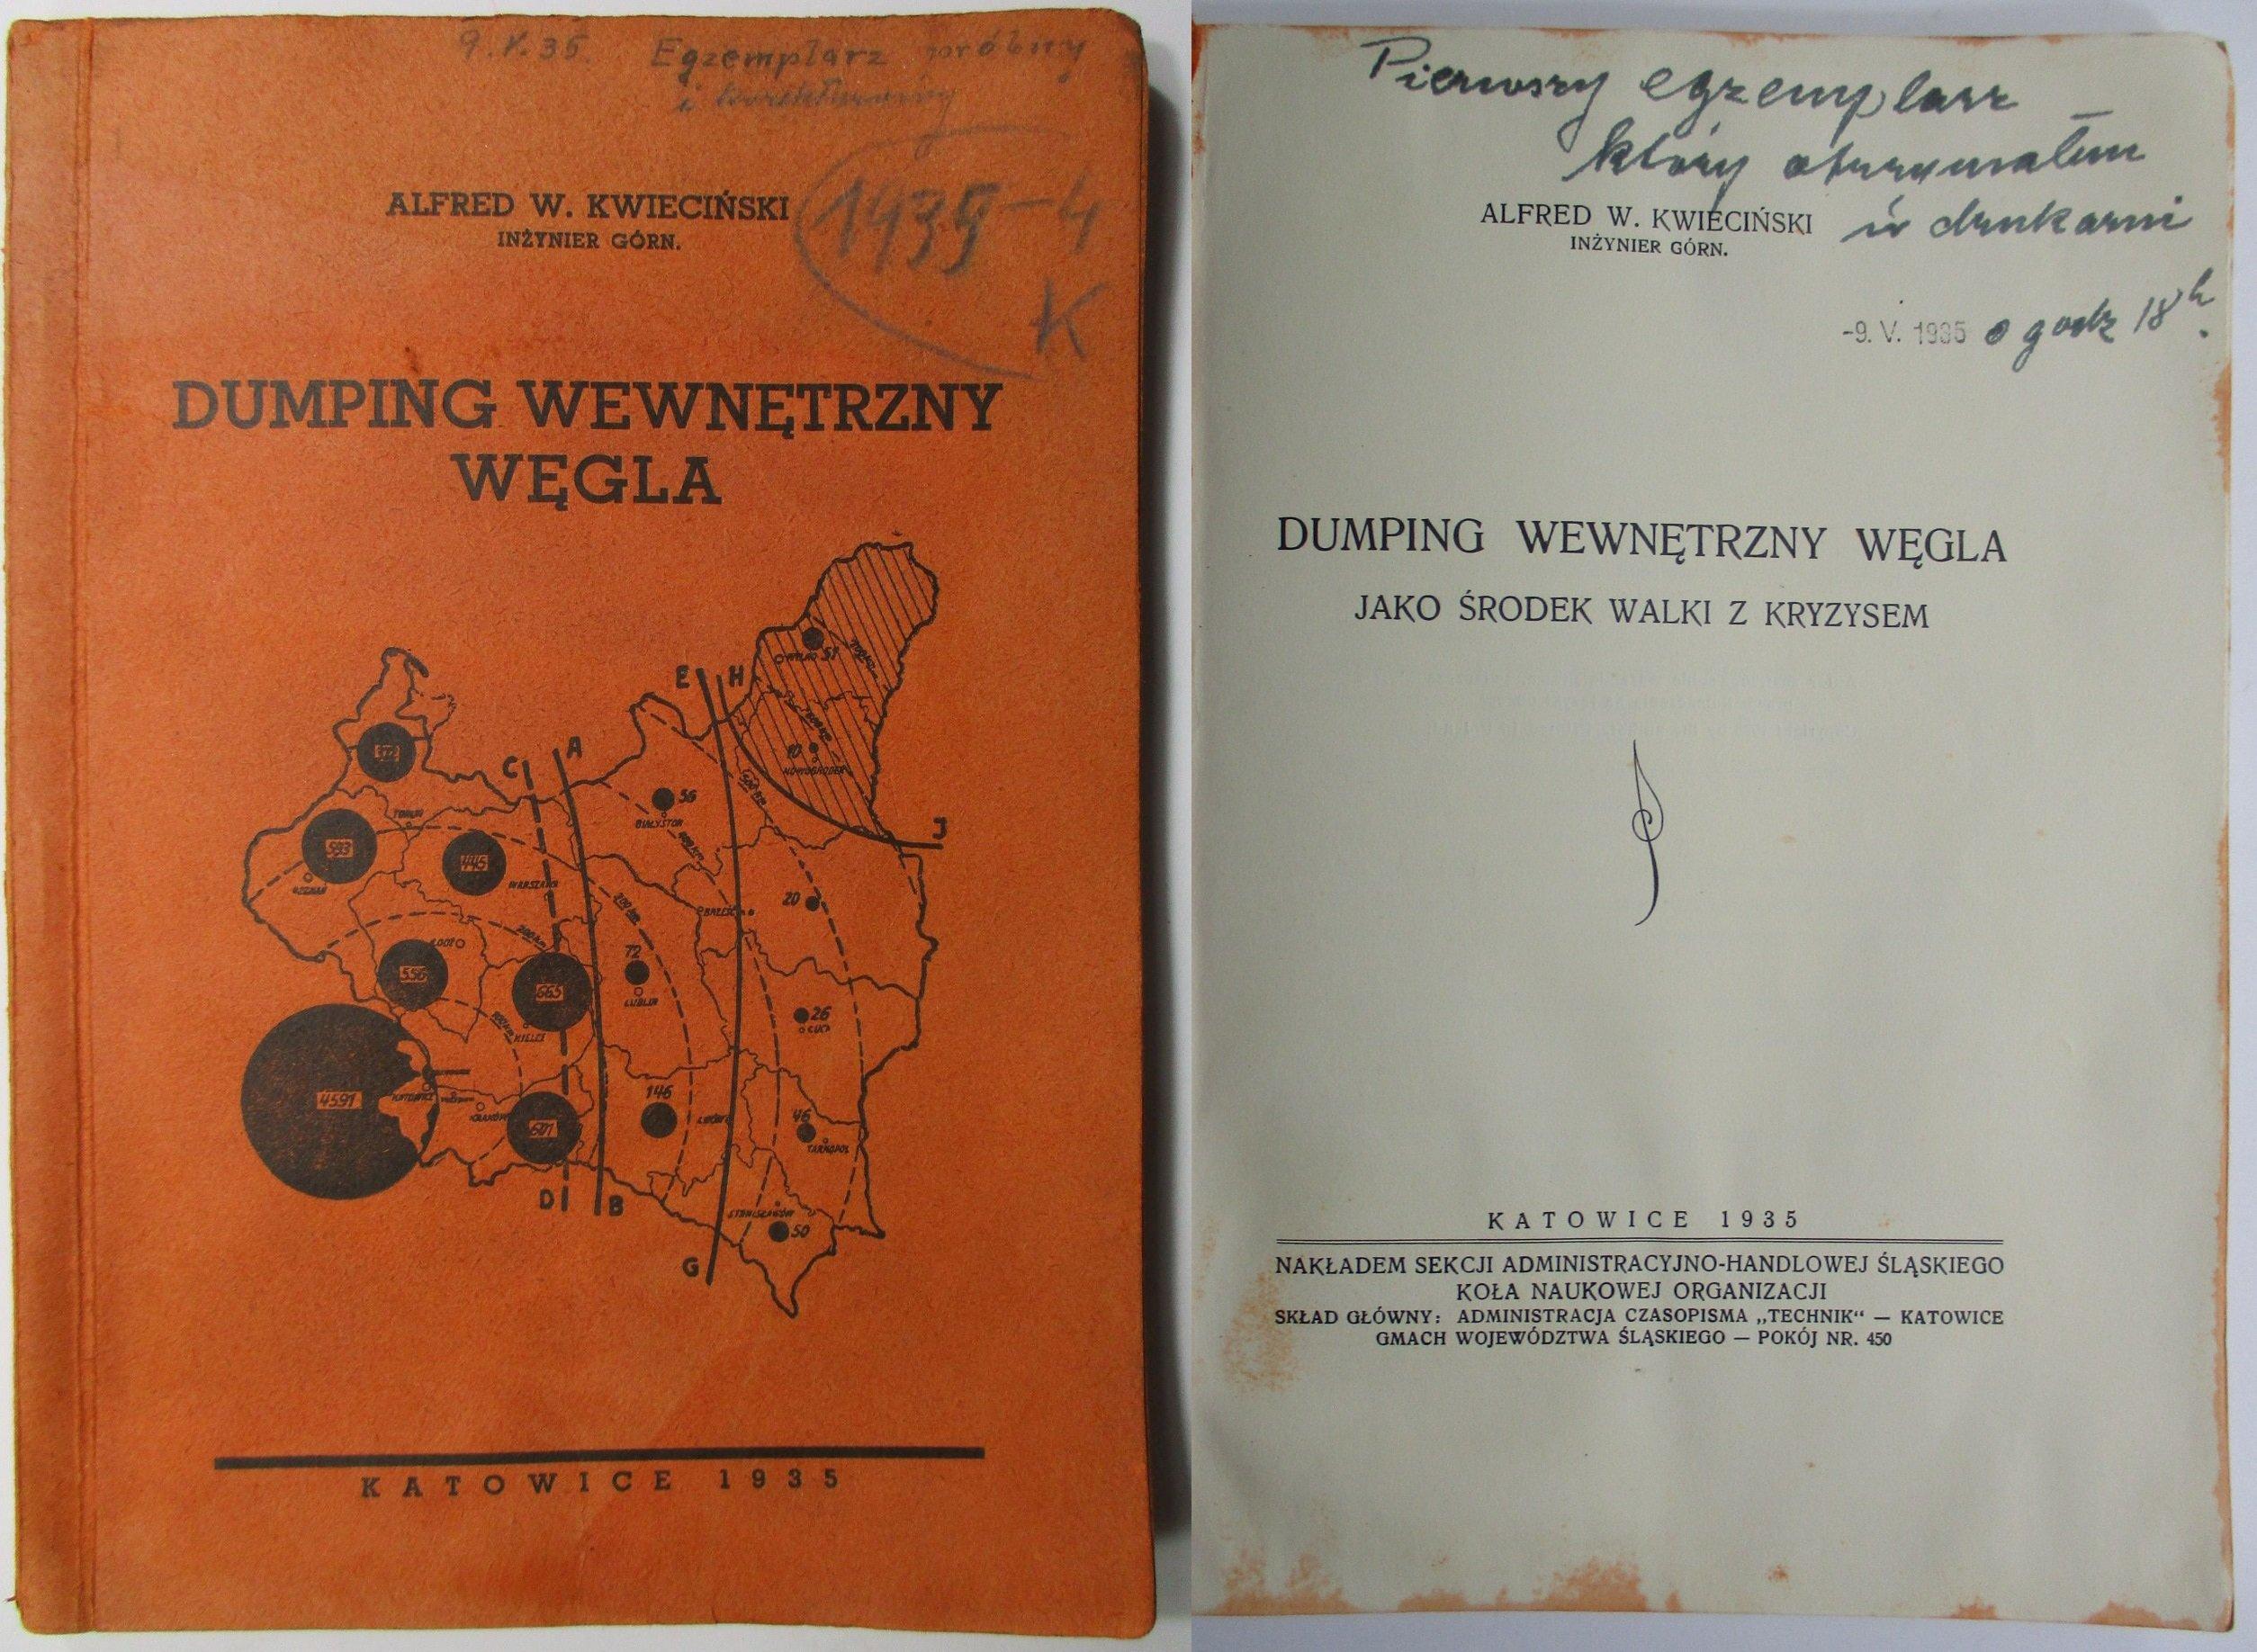 Damping wewnętrzny węgla, Kwieciński, 1935